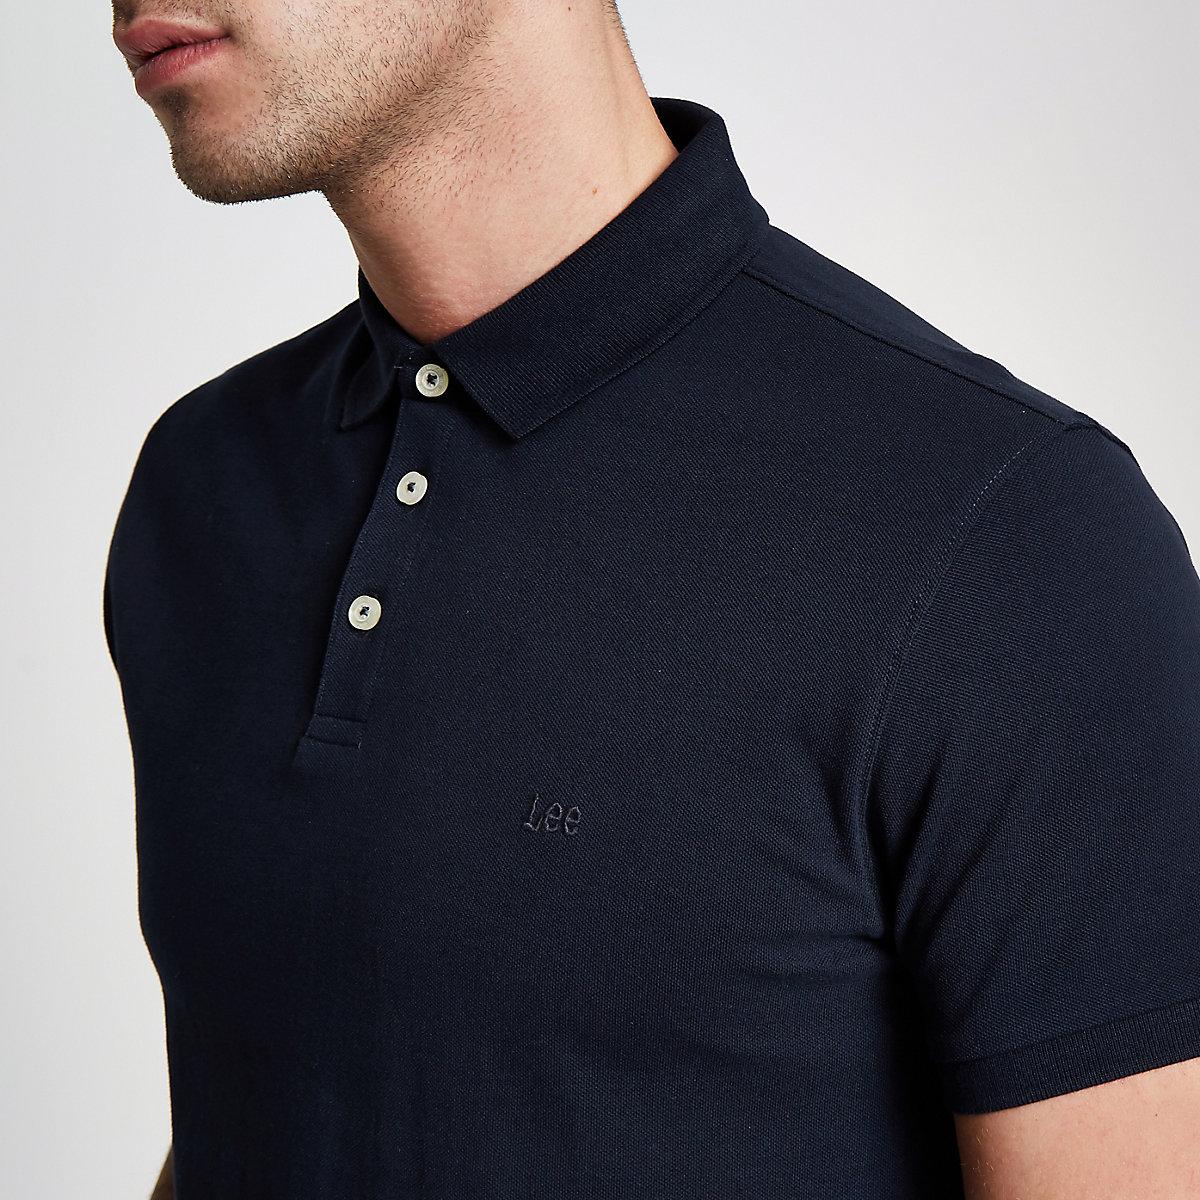 Lee navy pique short sleeve polo shirt